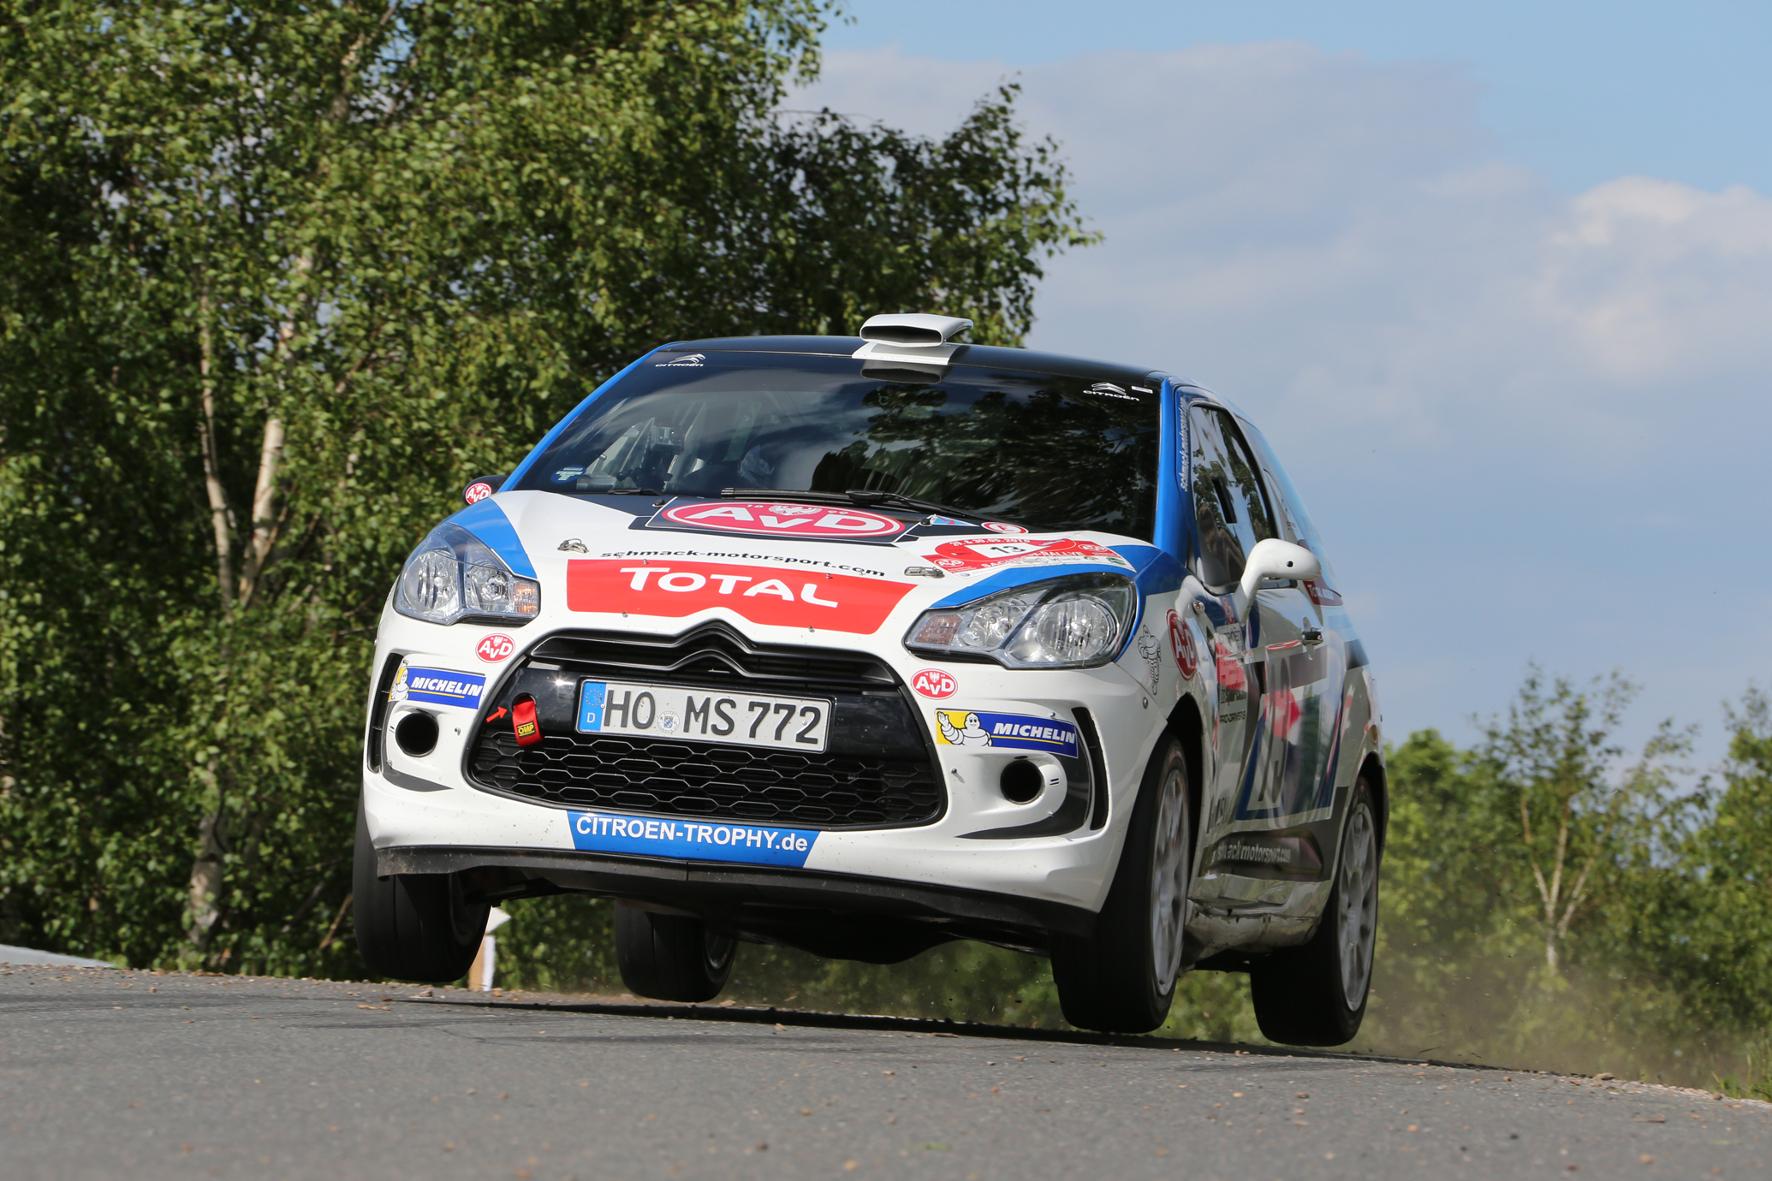 Citroen schickt im Rahmen des Marken-Pokals Racing Trophy 16 Teams und 32 Fahrer in die sechs Läufe zur Deutschen Rallye-Meisterschaft.